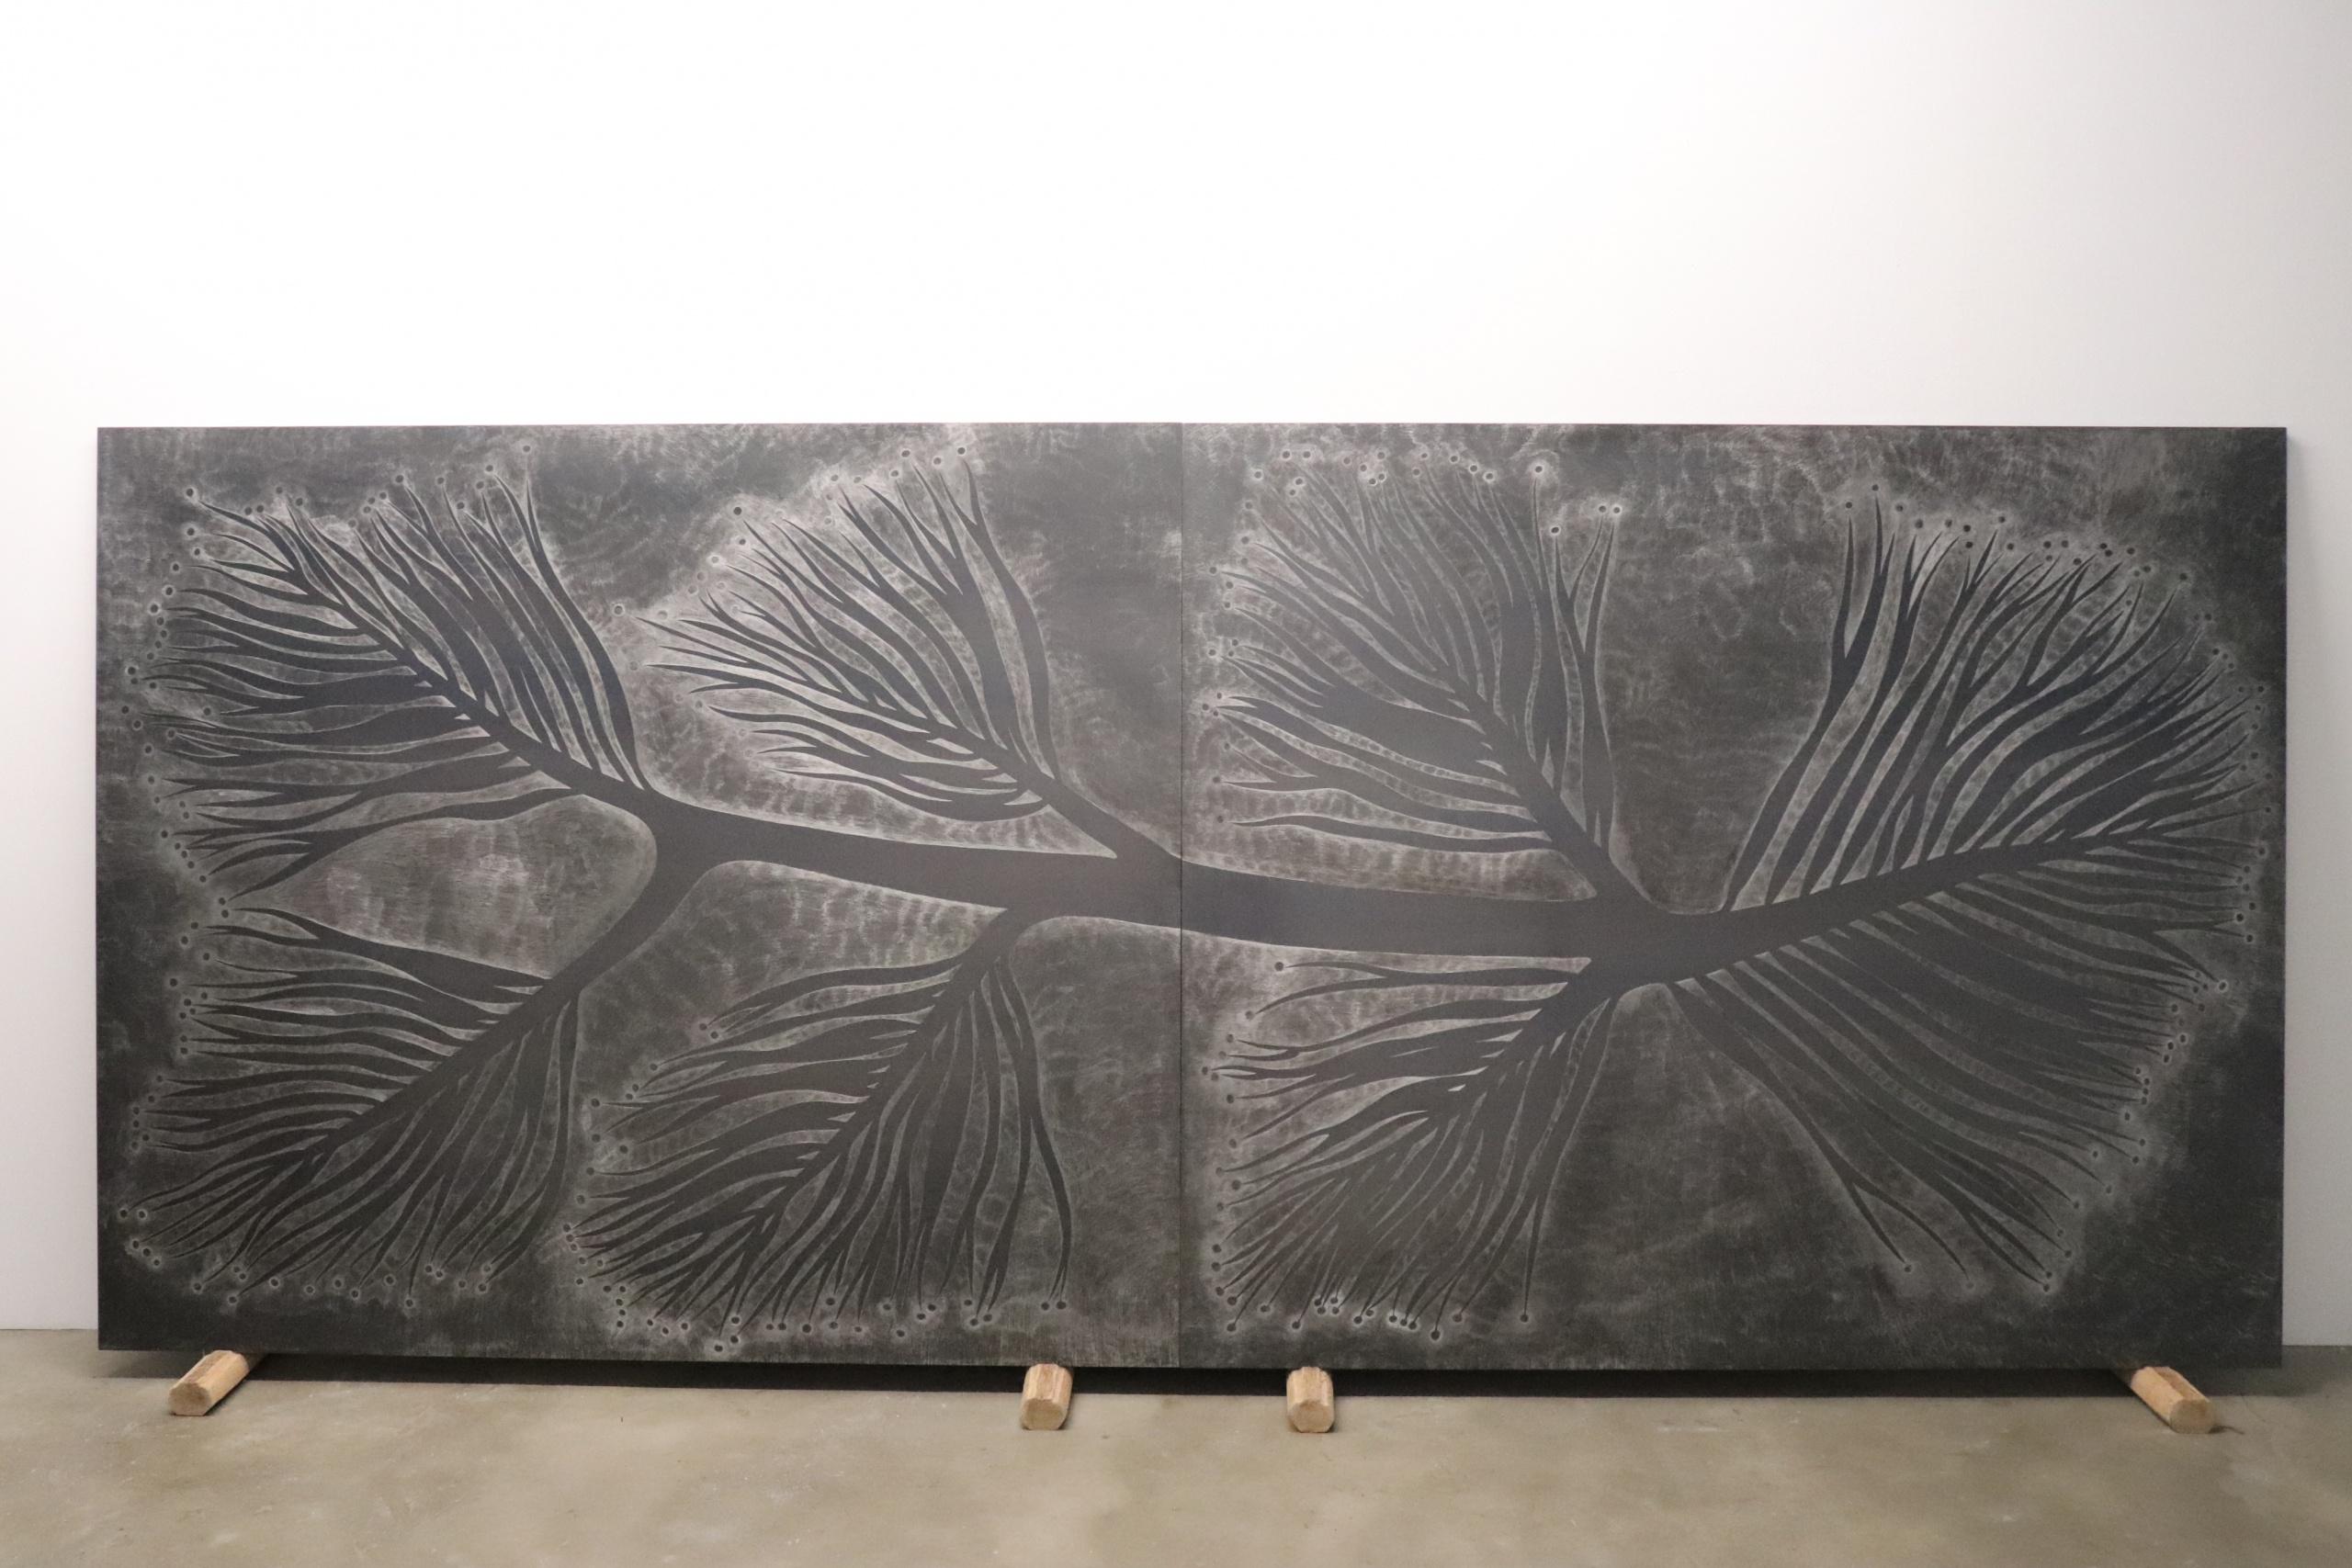 《模板》,340X145cm,黑鐵板、木板、椰子樹,2020。 攝影|顏珮珊